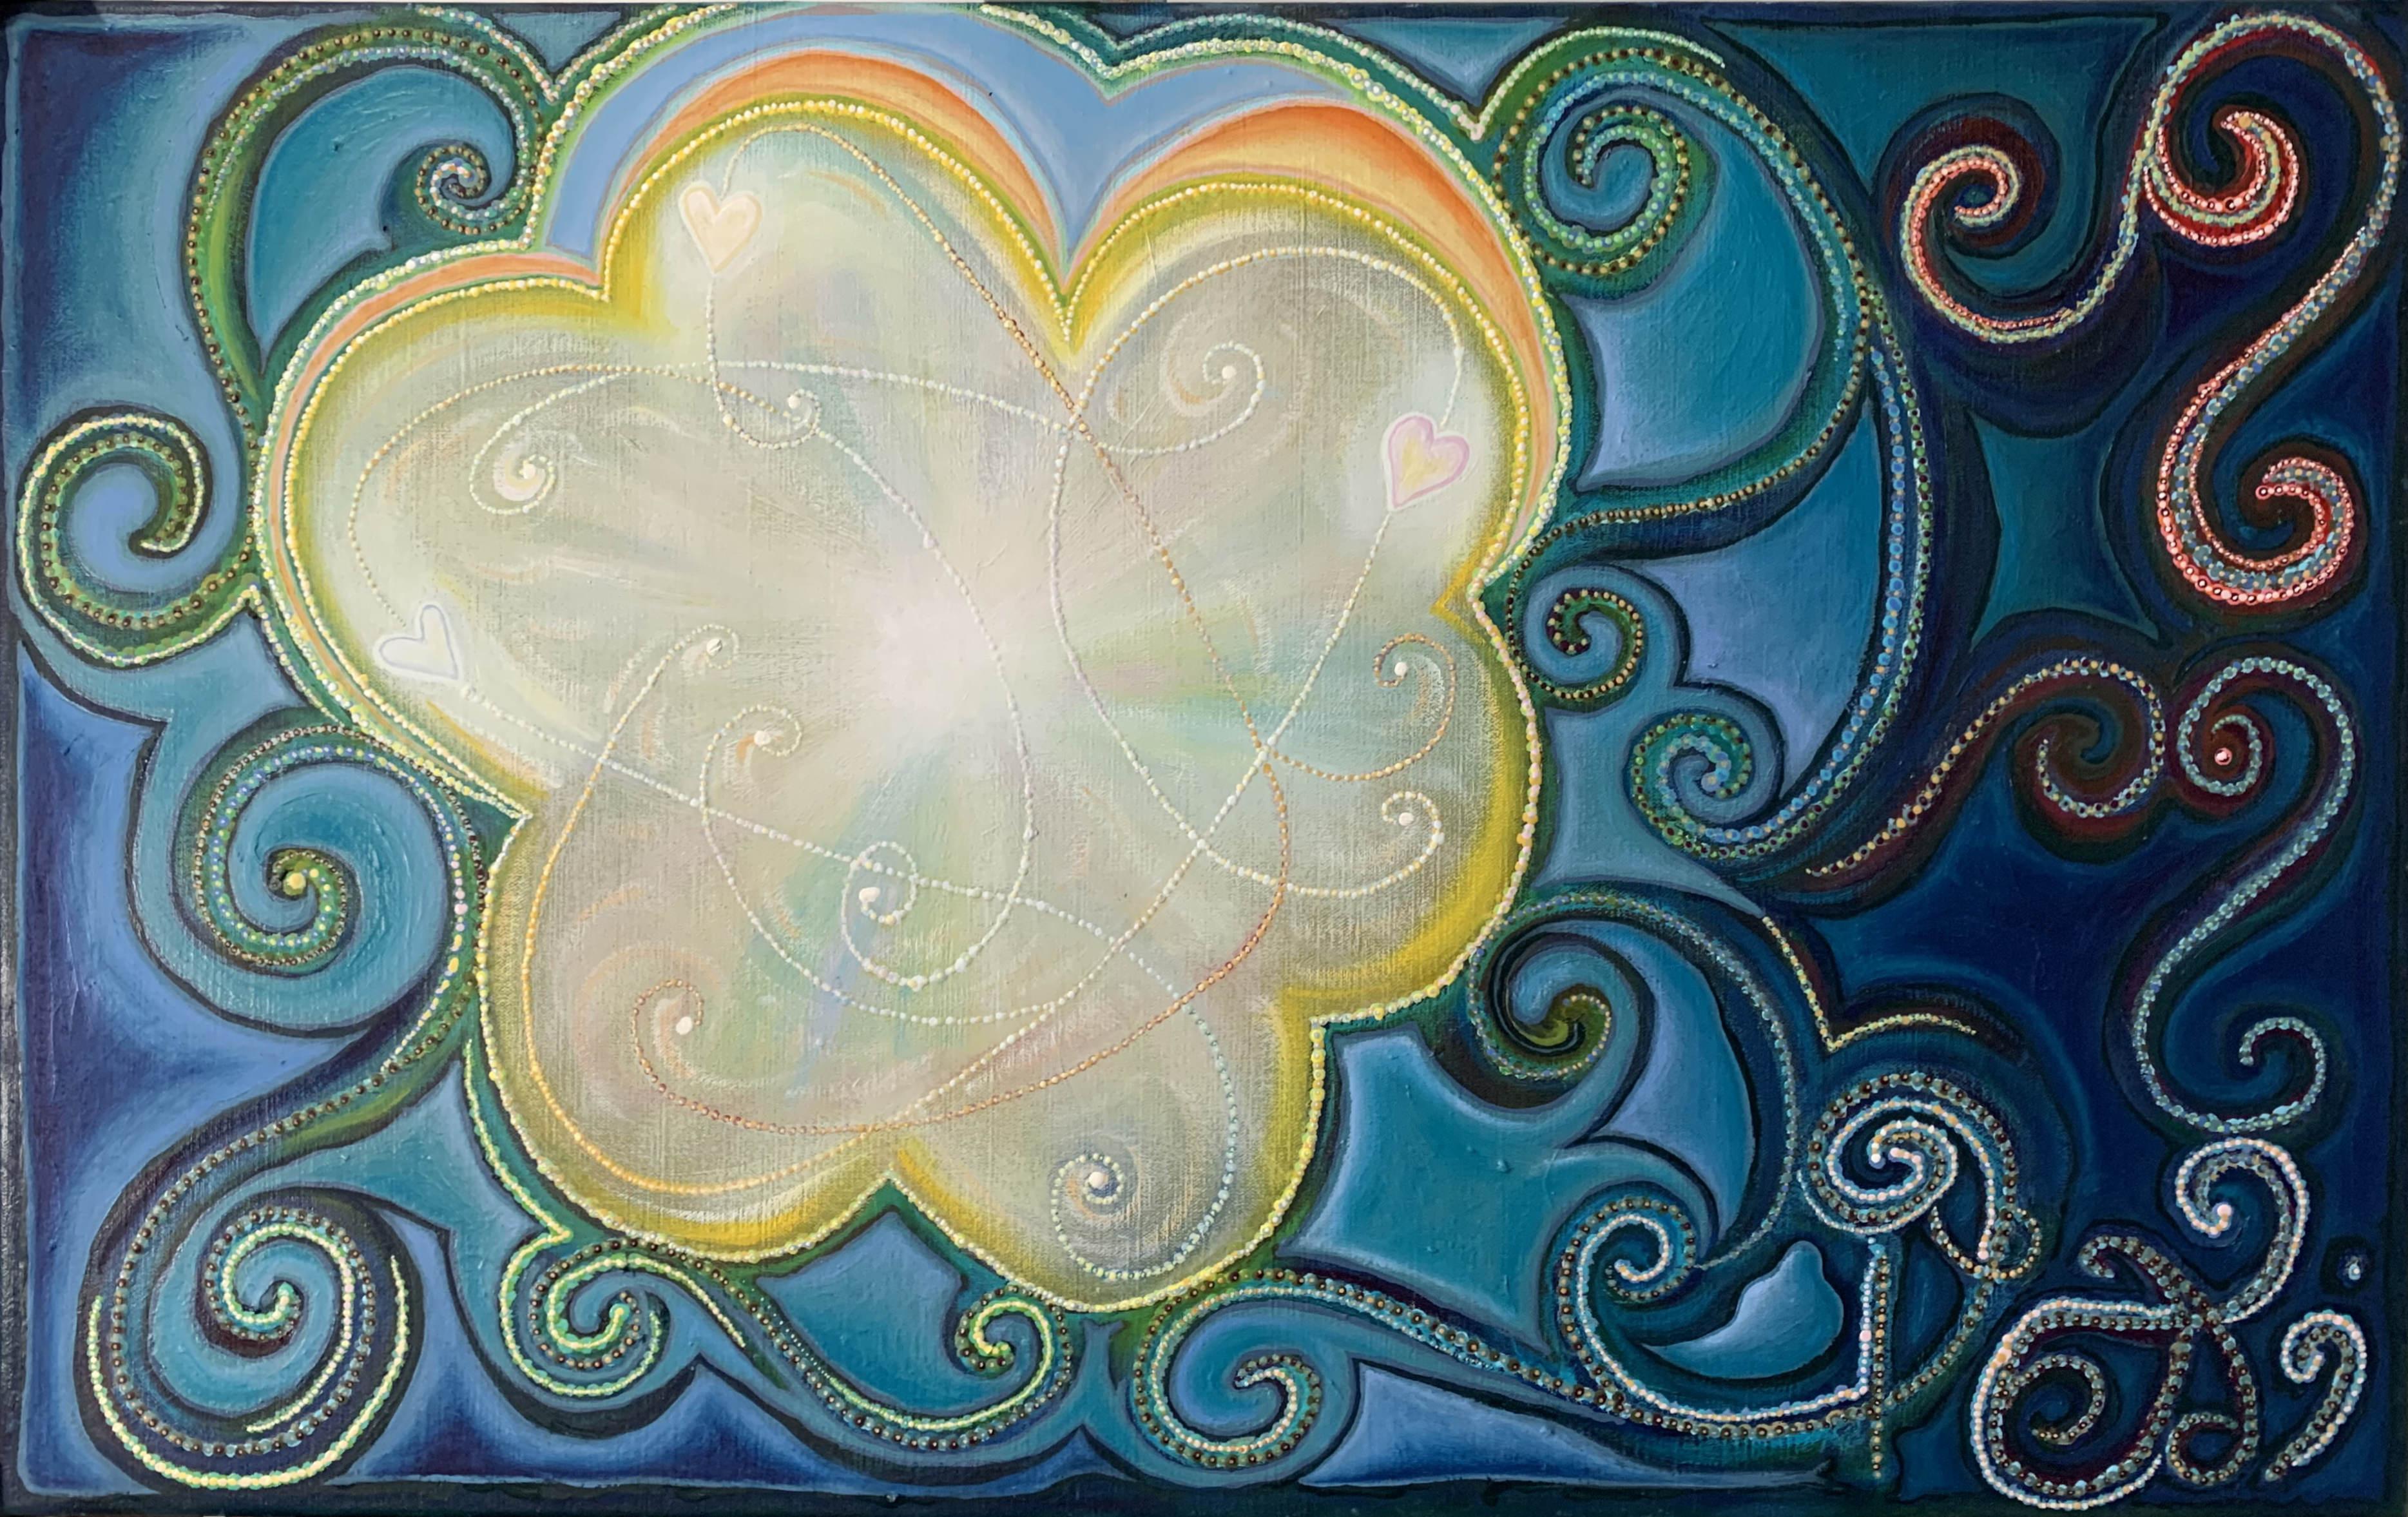 Eindir hjartans. 95x60 cm. Olía á striga. 2020...........................The particles of the heart. 95x60 cm. Oil on canvas. 2020.